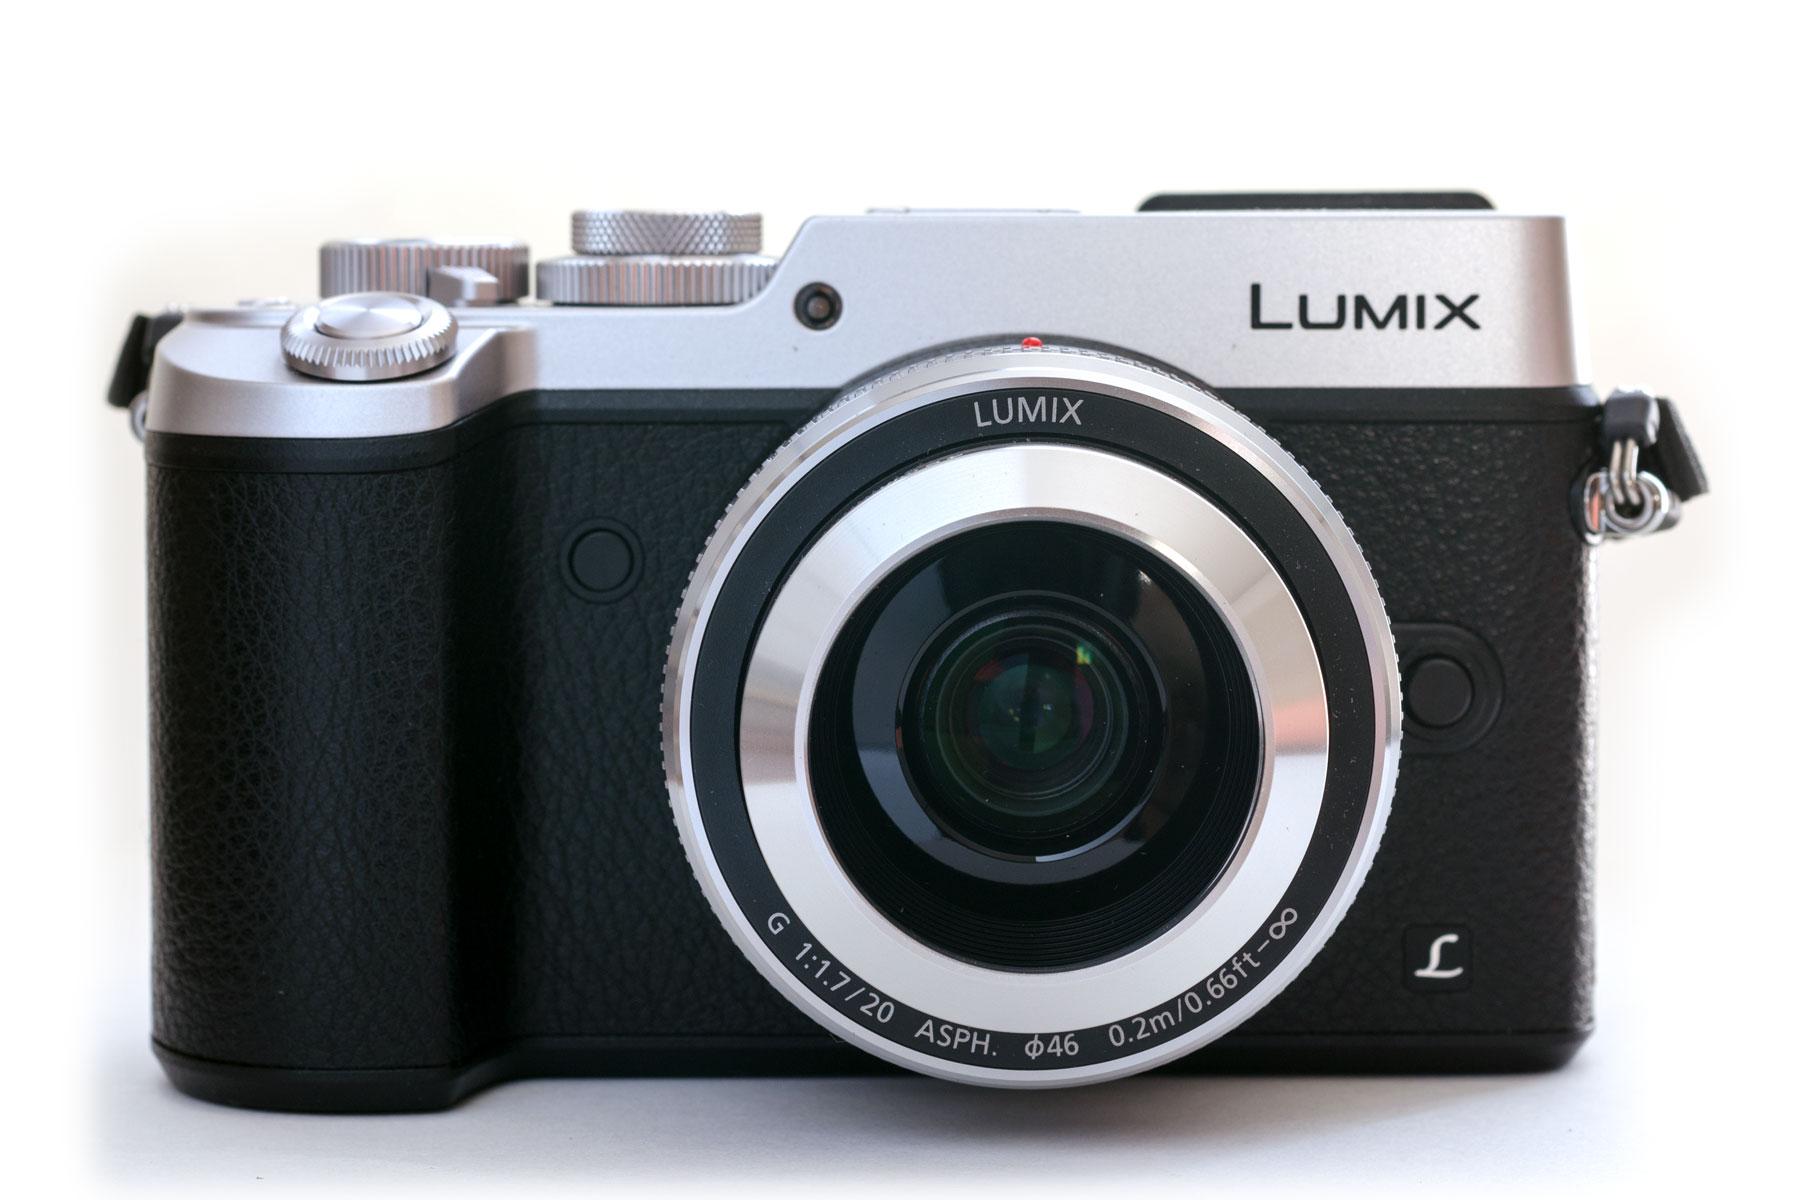 新しいメインカメラ LUMIX GX8 コンパクト&マーベラス